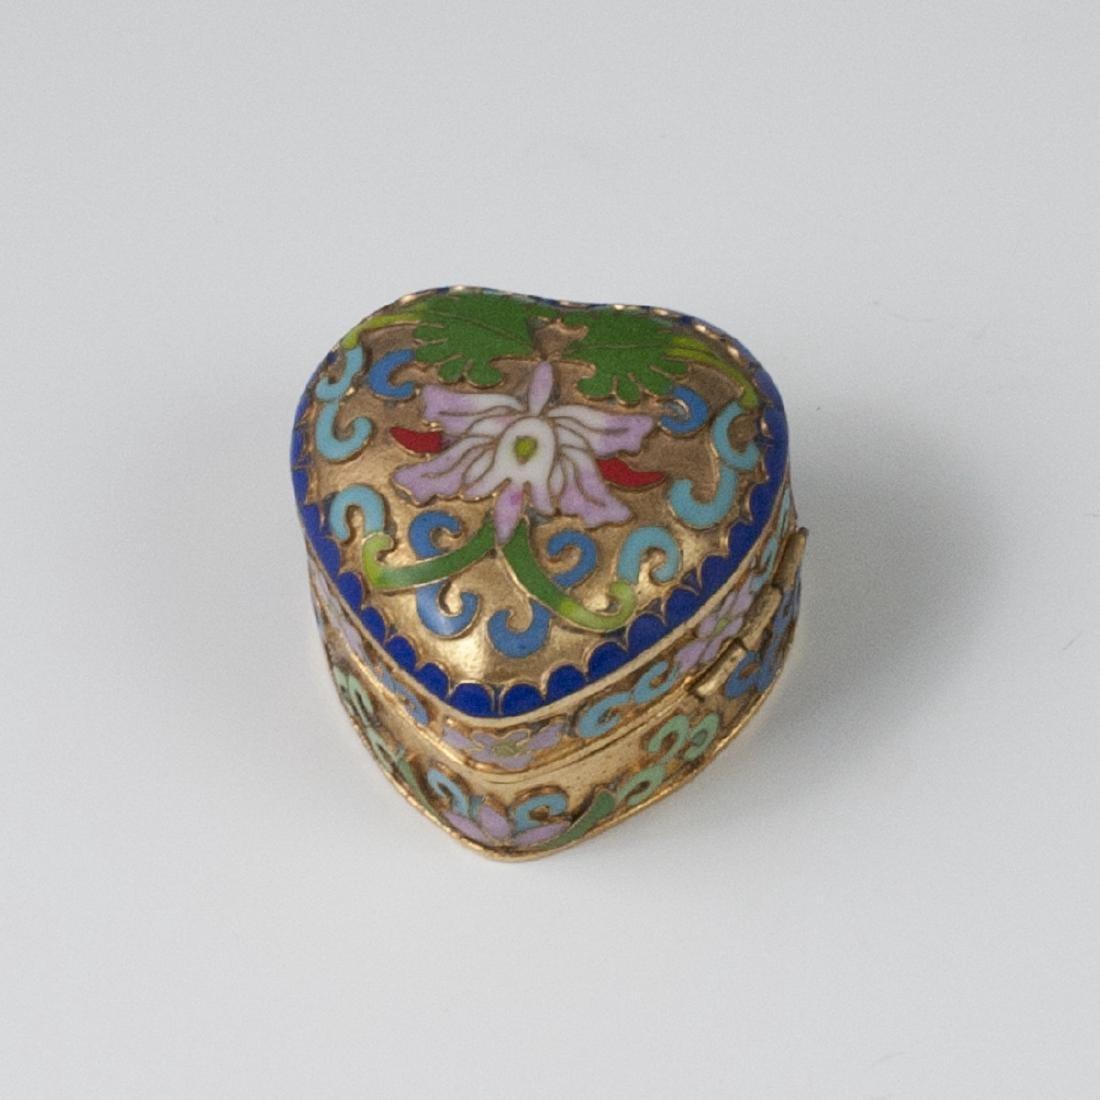 Chinese Cloisonne Enameled Trinket Box - 2